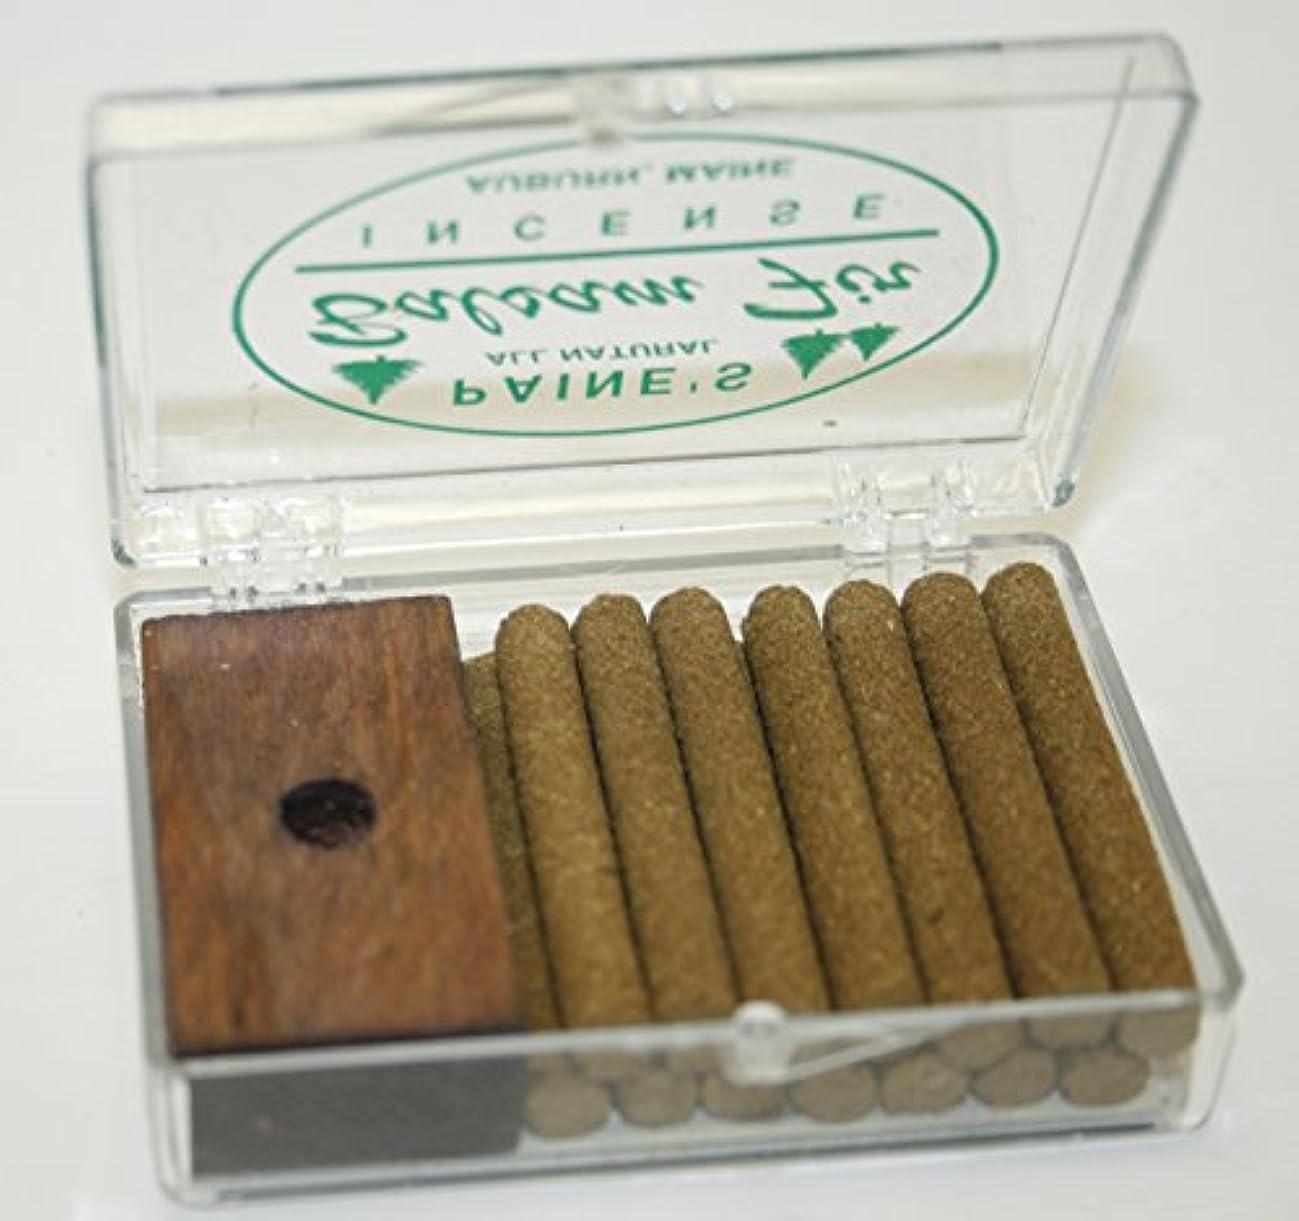 エネルギー遠近法救いINCENSE & BURNER comes w/ 14 balsam fir sticks Paine's wood holder lodge style by Paine's